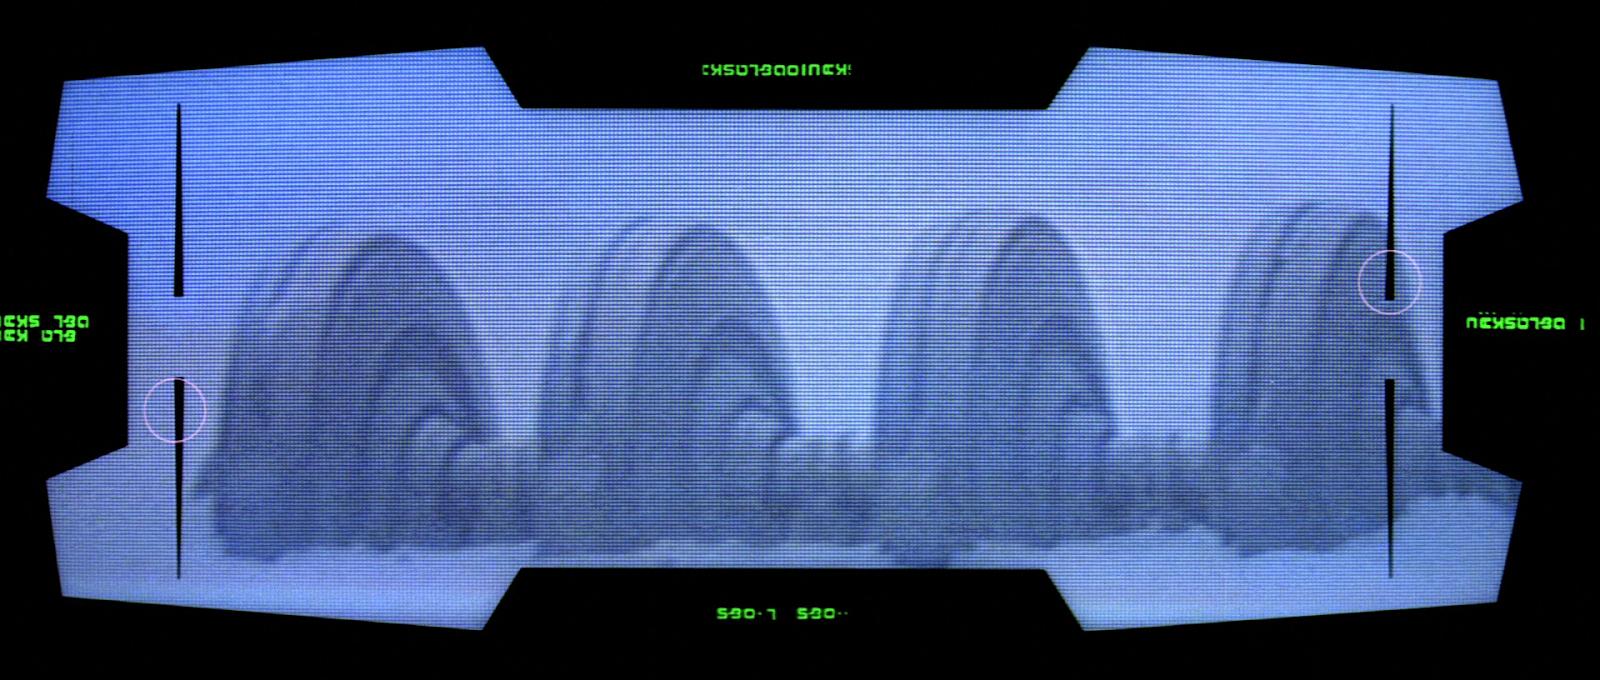 WAAGH! Drillteef: Void Shield Generators - a Necessary Evil?